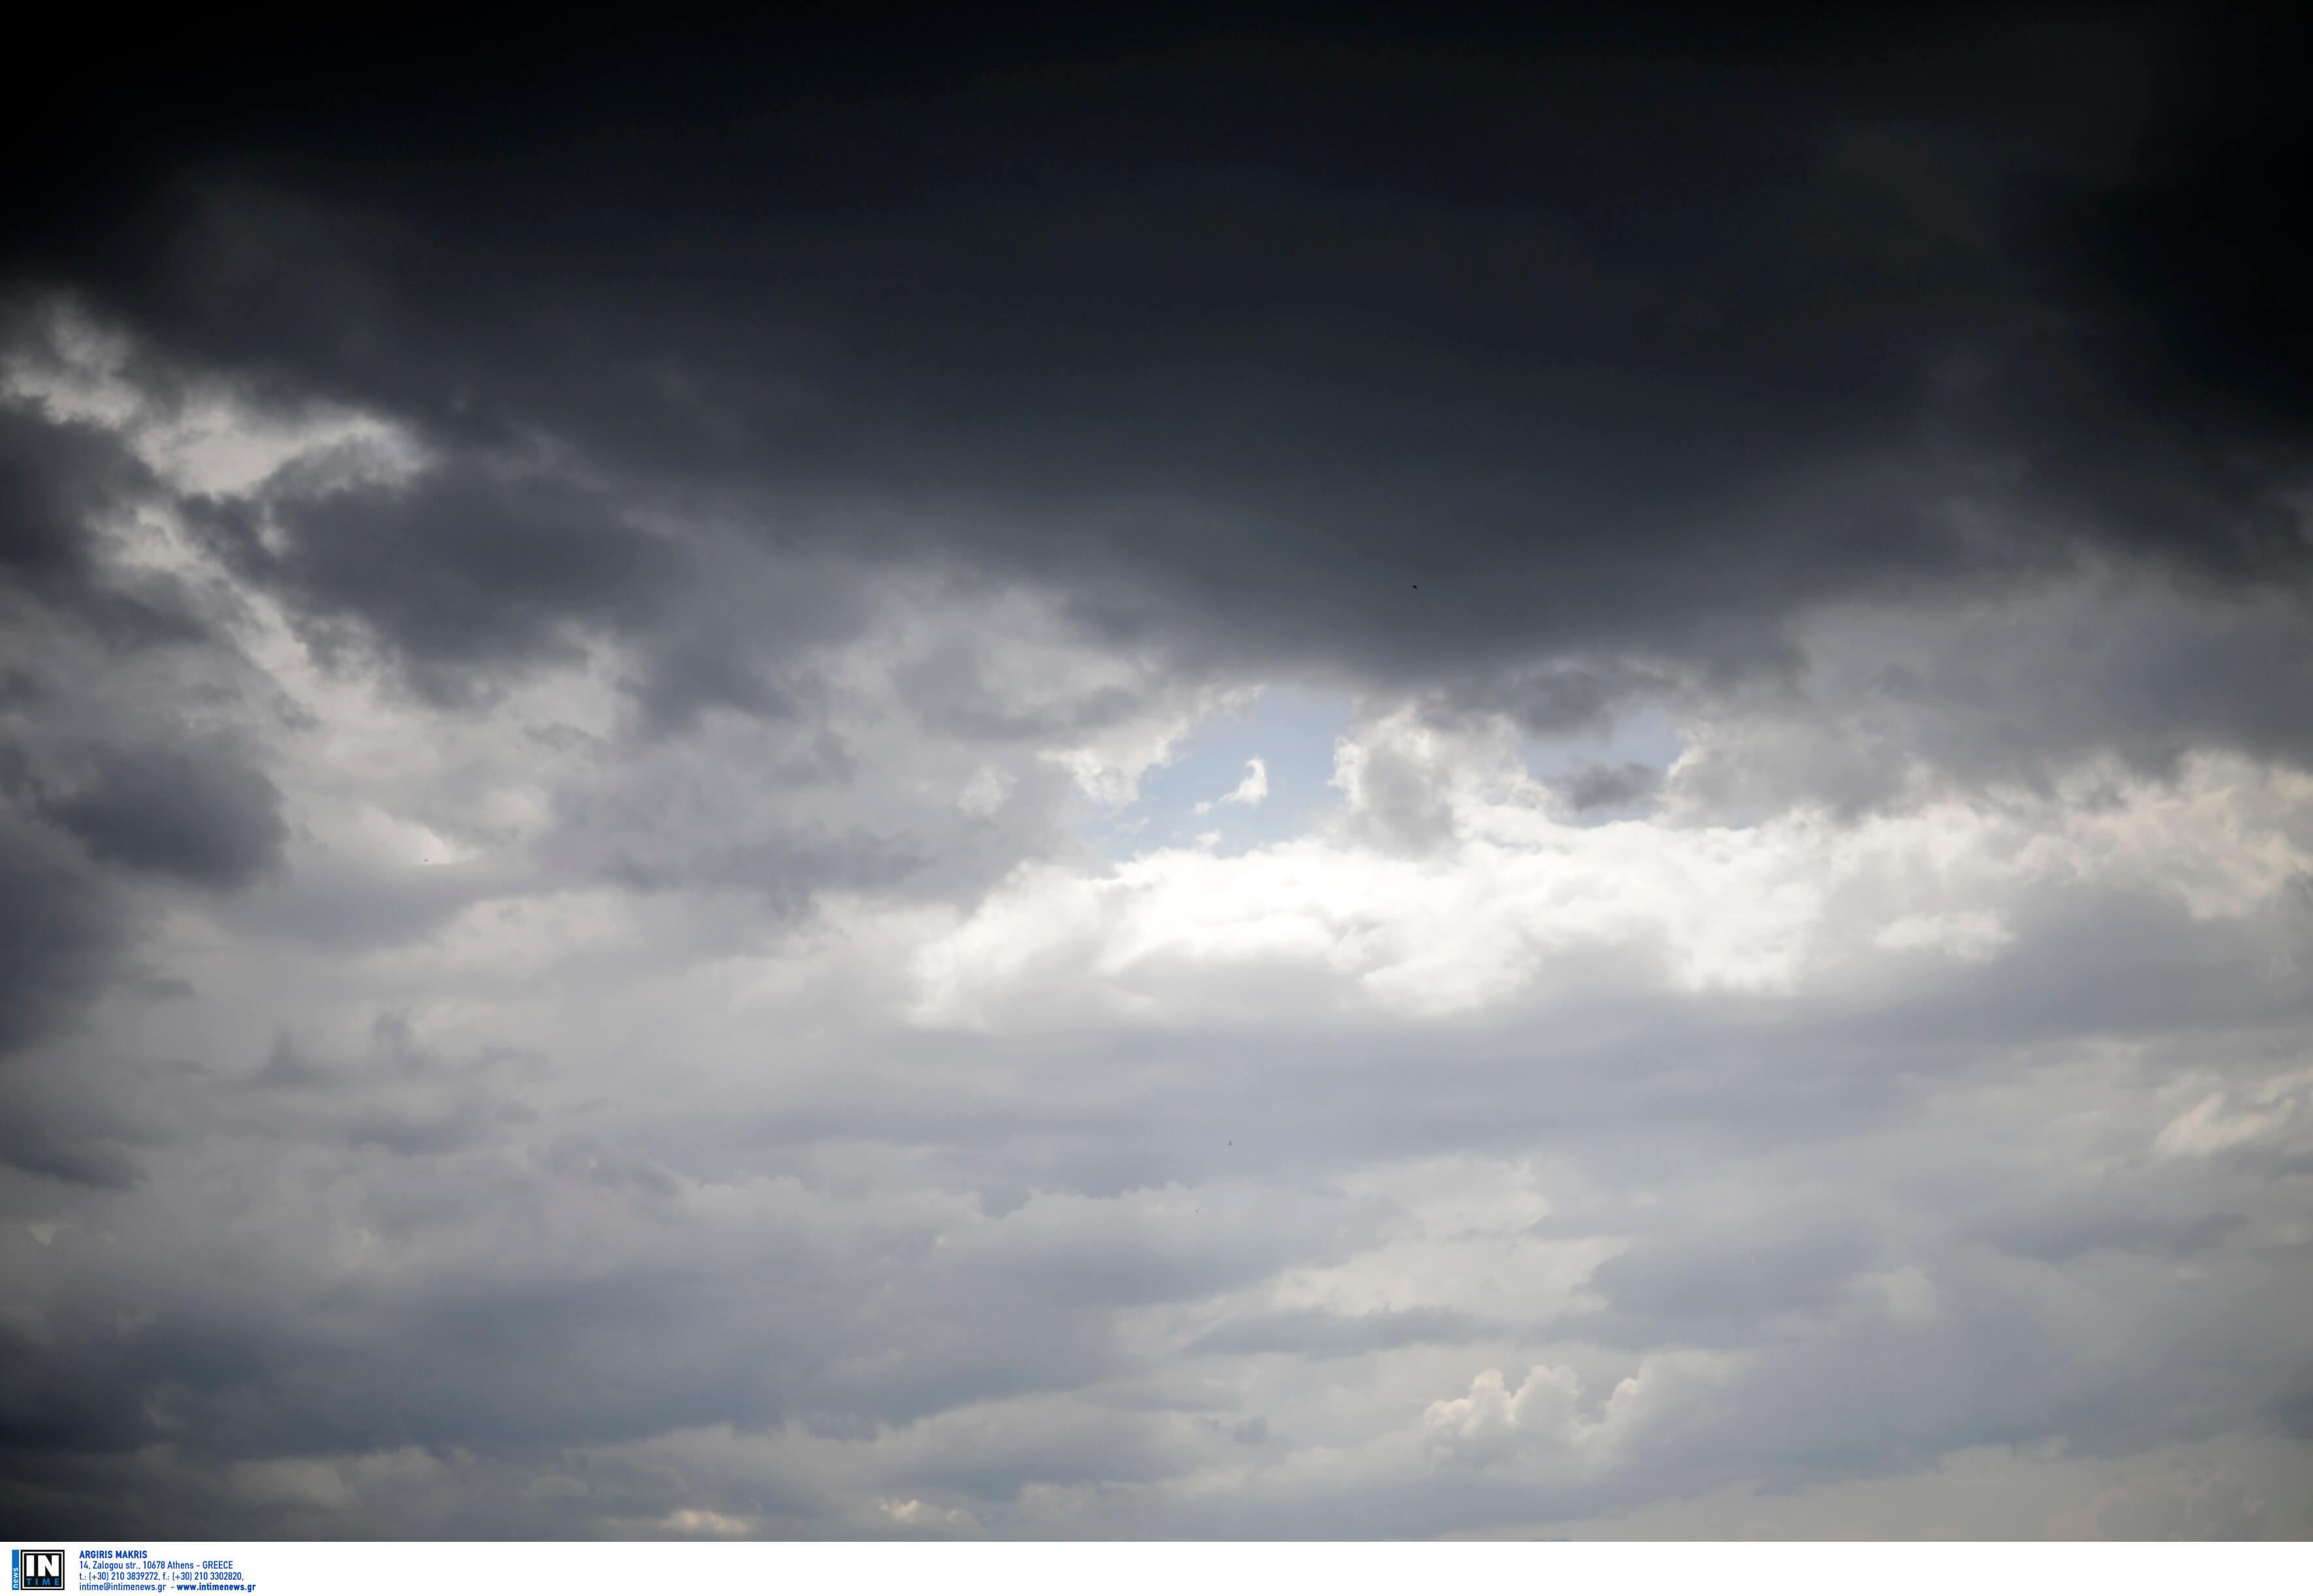 Καιρός σήμερα: Σε ποιες περιοχές θα βρέχει